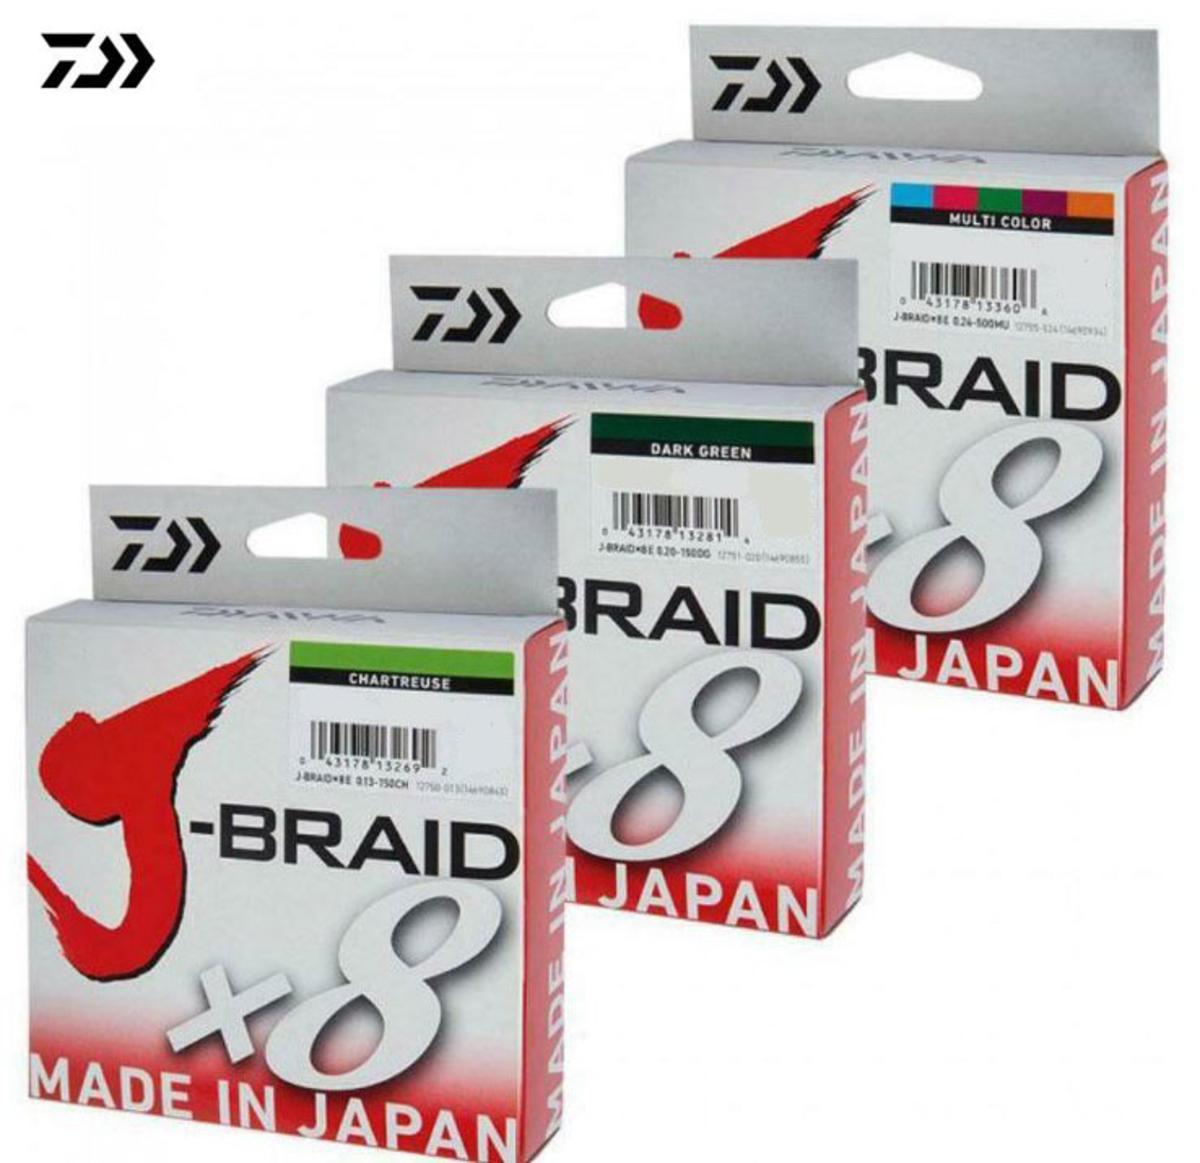 New Daiwa J-Braid X8 Fishing Line - 150m Spool - All Colours & Breaking Strains